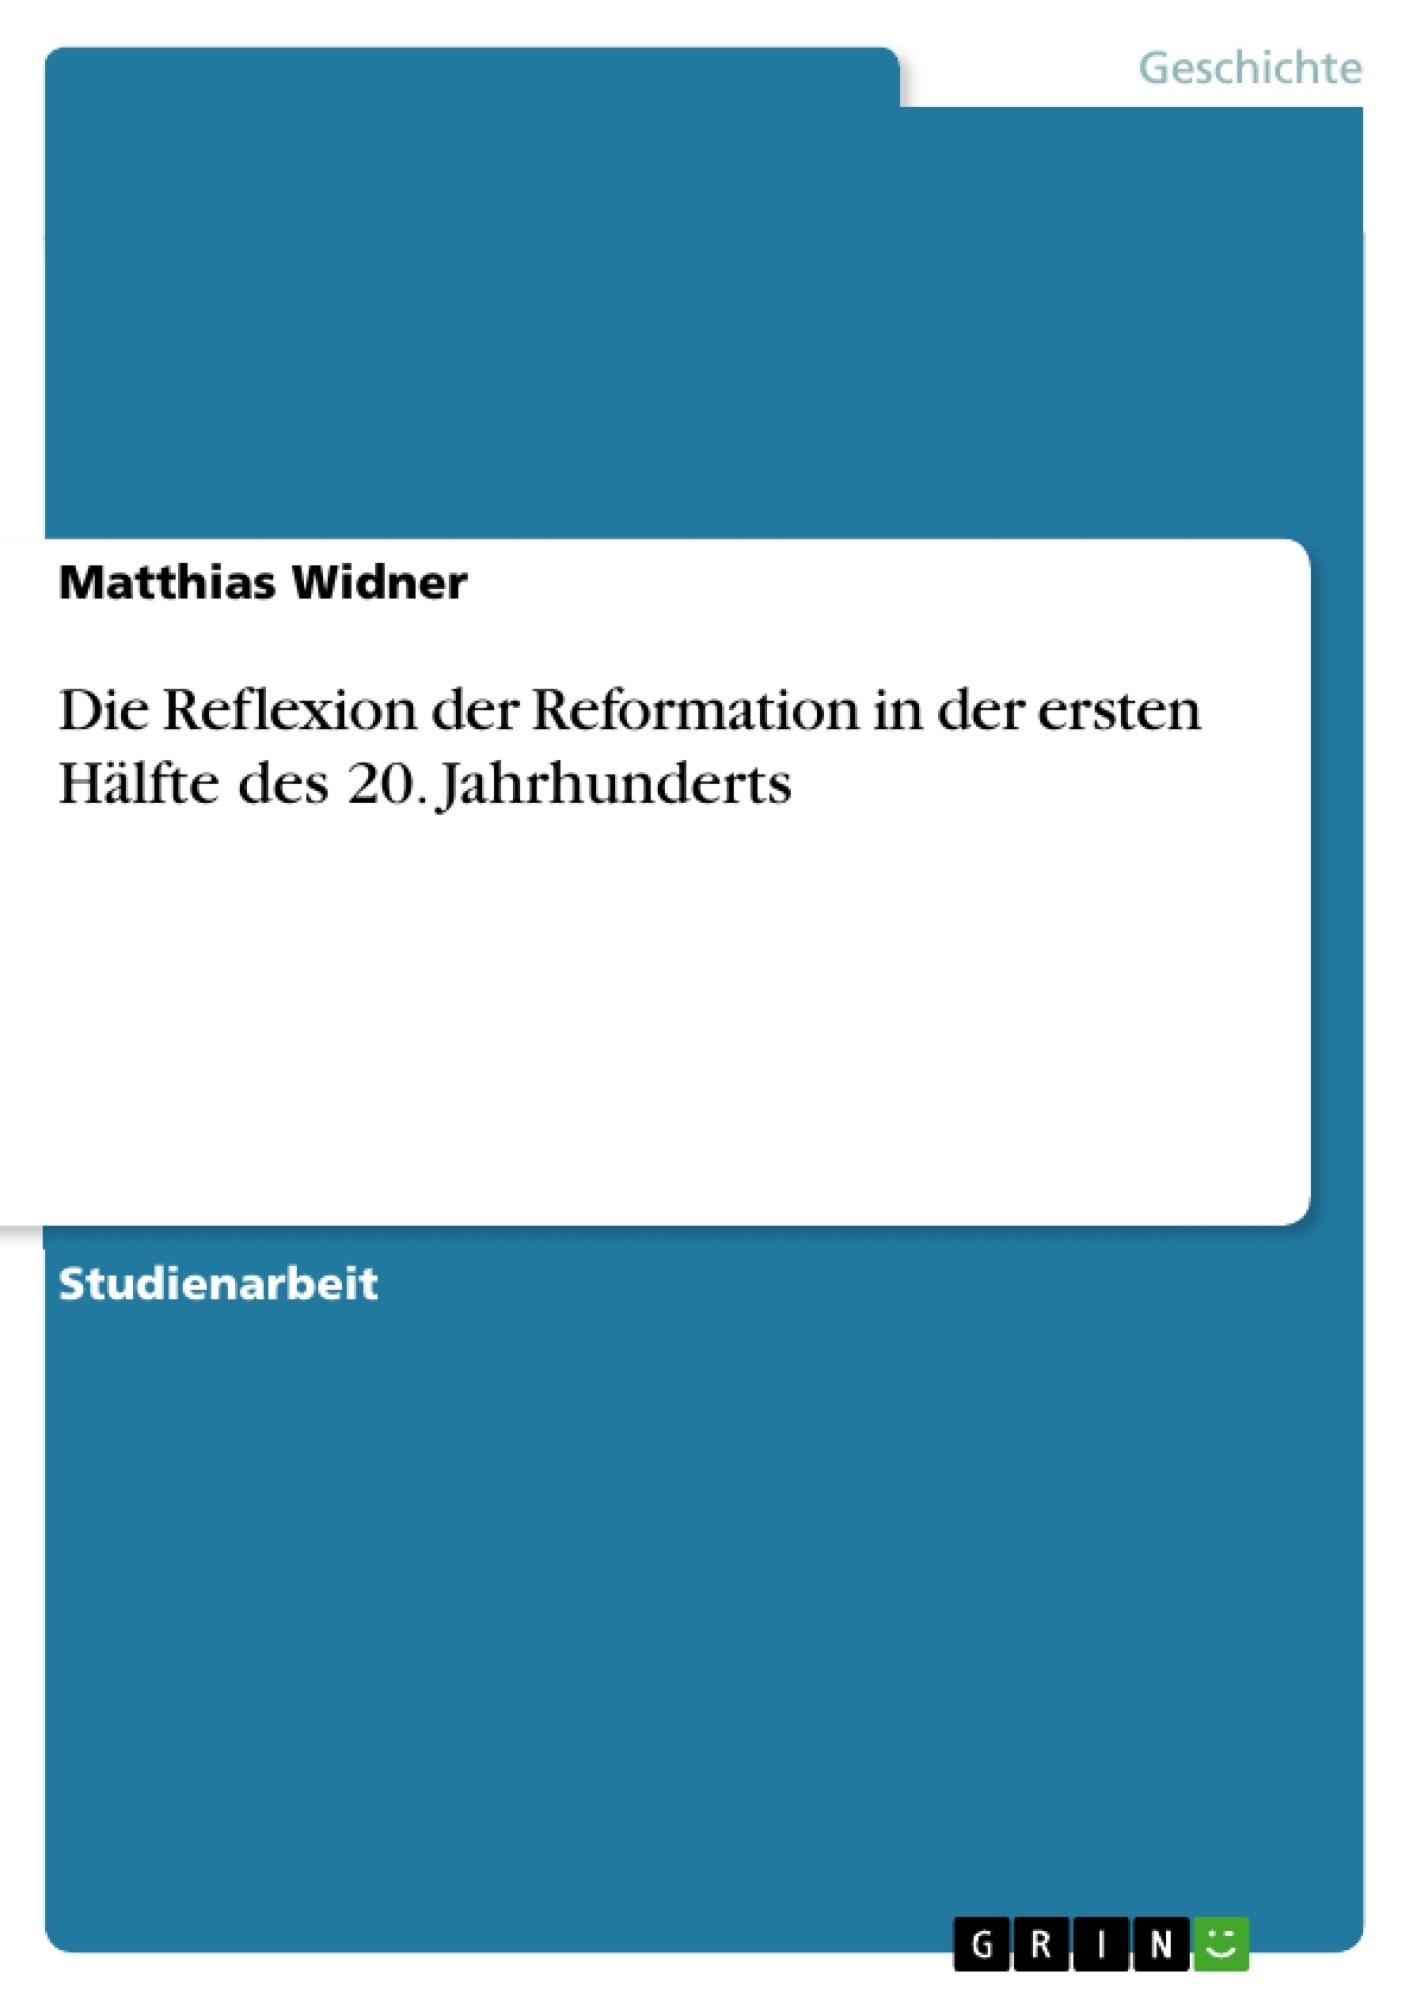 Titel:  Die Reflexion der Reformation in der ersten Hälfte des 20. Jahrhunderts